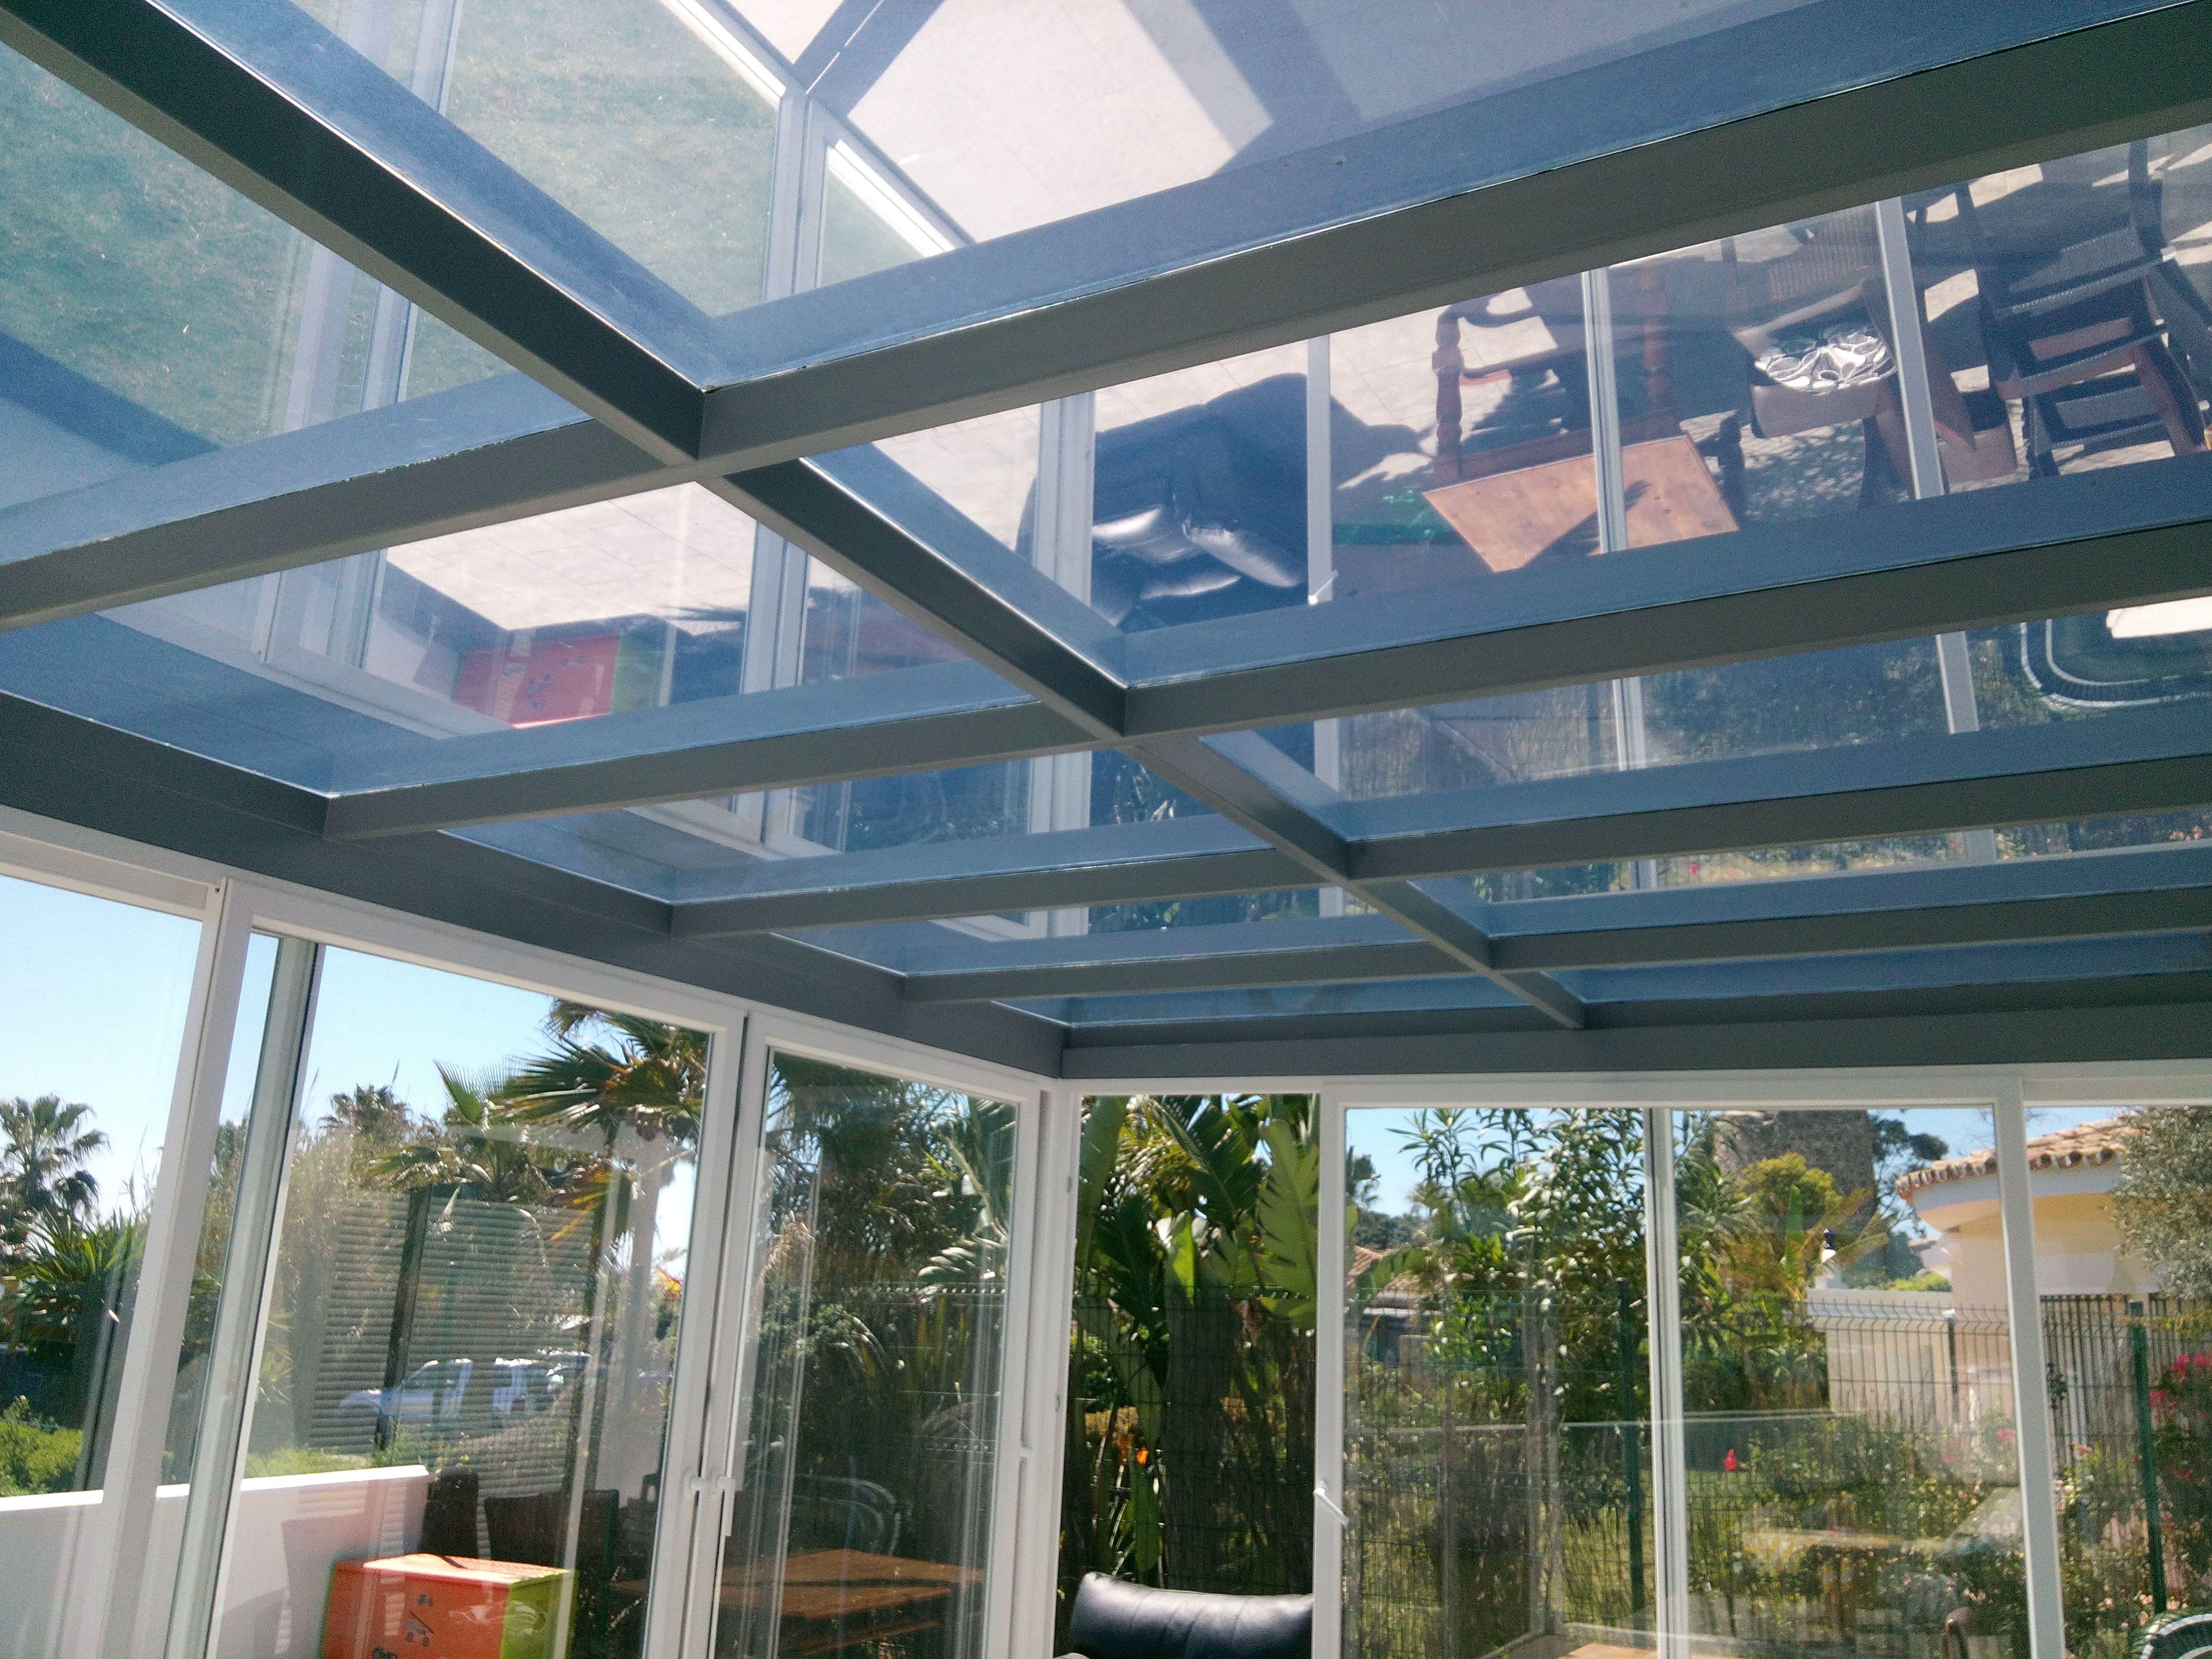 Glass Roof With Silver 80 Tint Estepona Spain Www Solarshadetinting Com La Casa De Mis Suenos Suenos